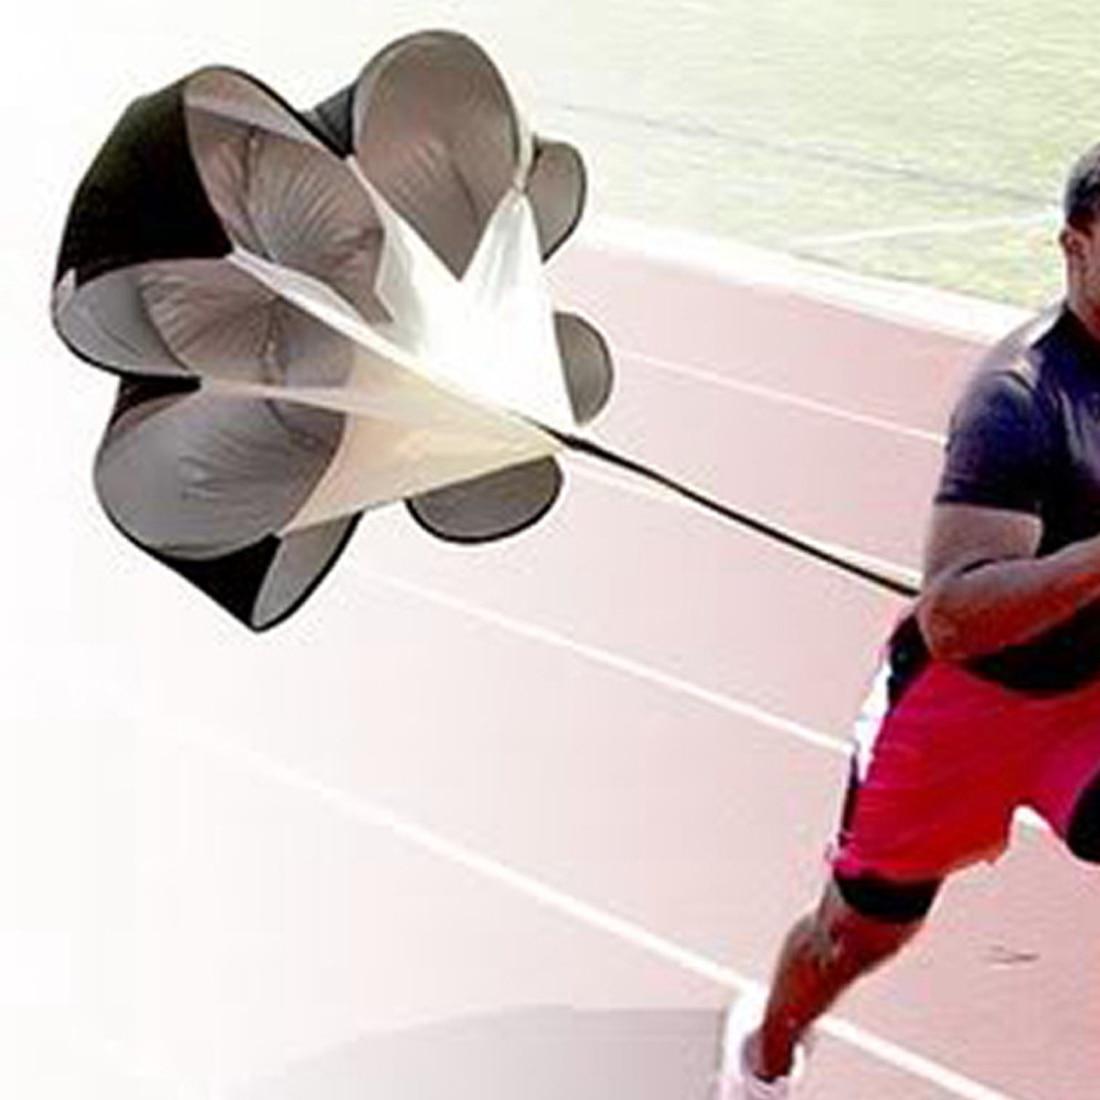 Venda Quente Preto Guarda-chuva Físico Velocidade Resistência Formação Paraquedas Corrida Rampa Futebol